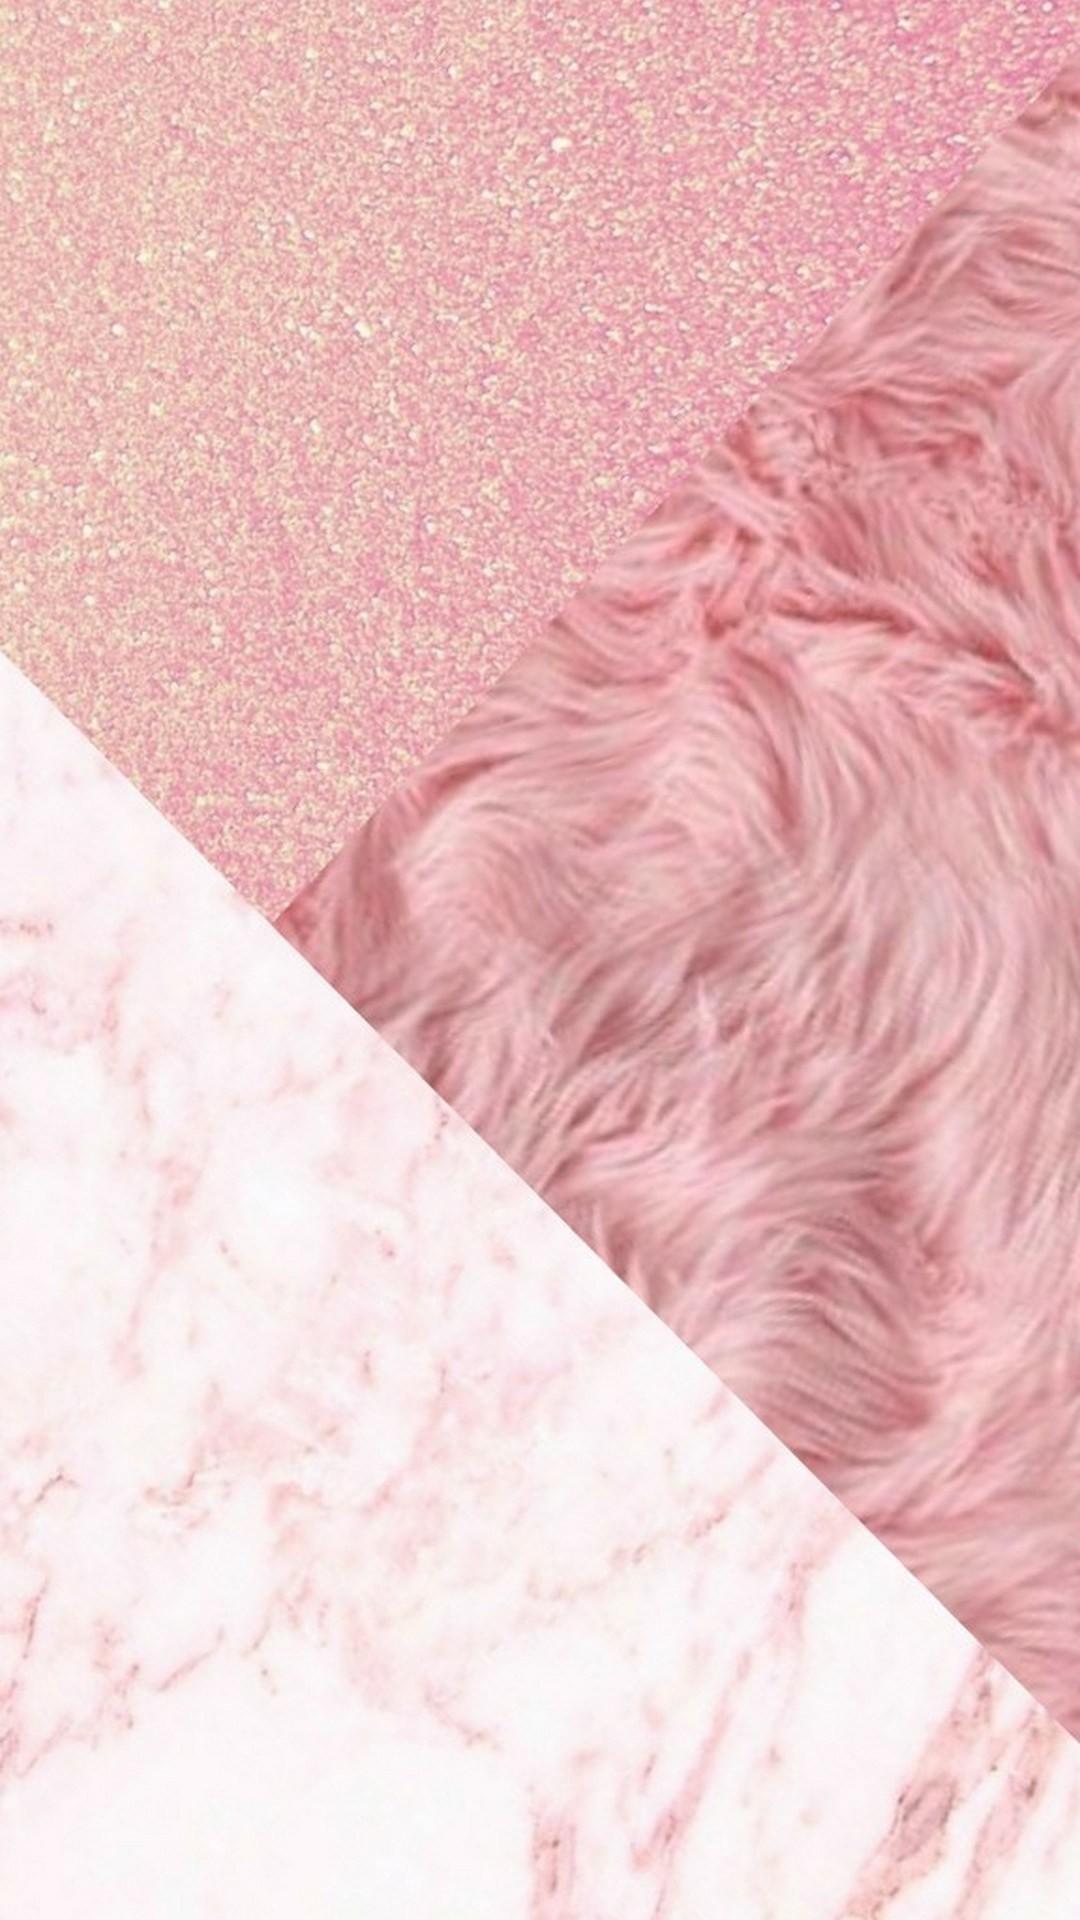 Rose Gold Glitter Phone Wallpaper Hd Wallpaper Iphone - Rose Gold Wallpaper Iphone - HD Wallpaper